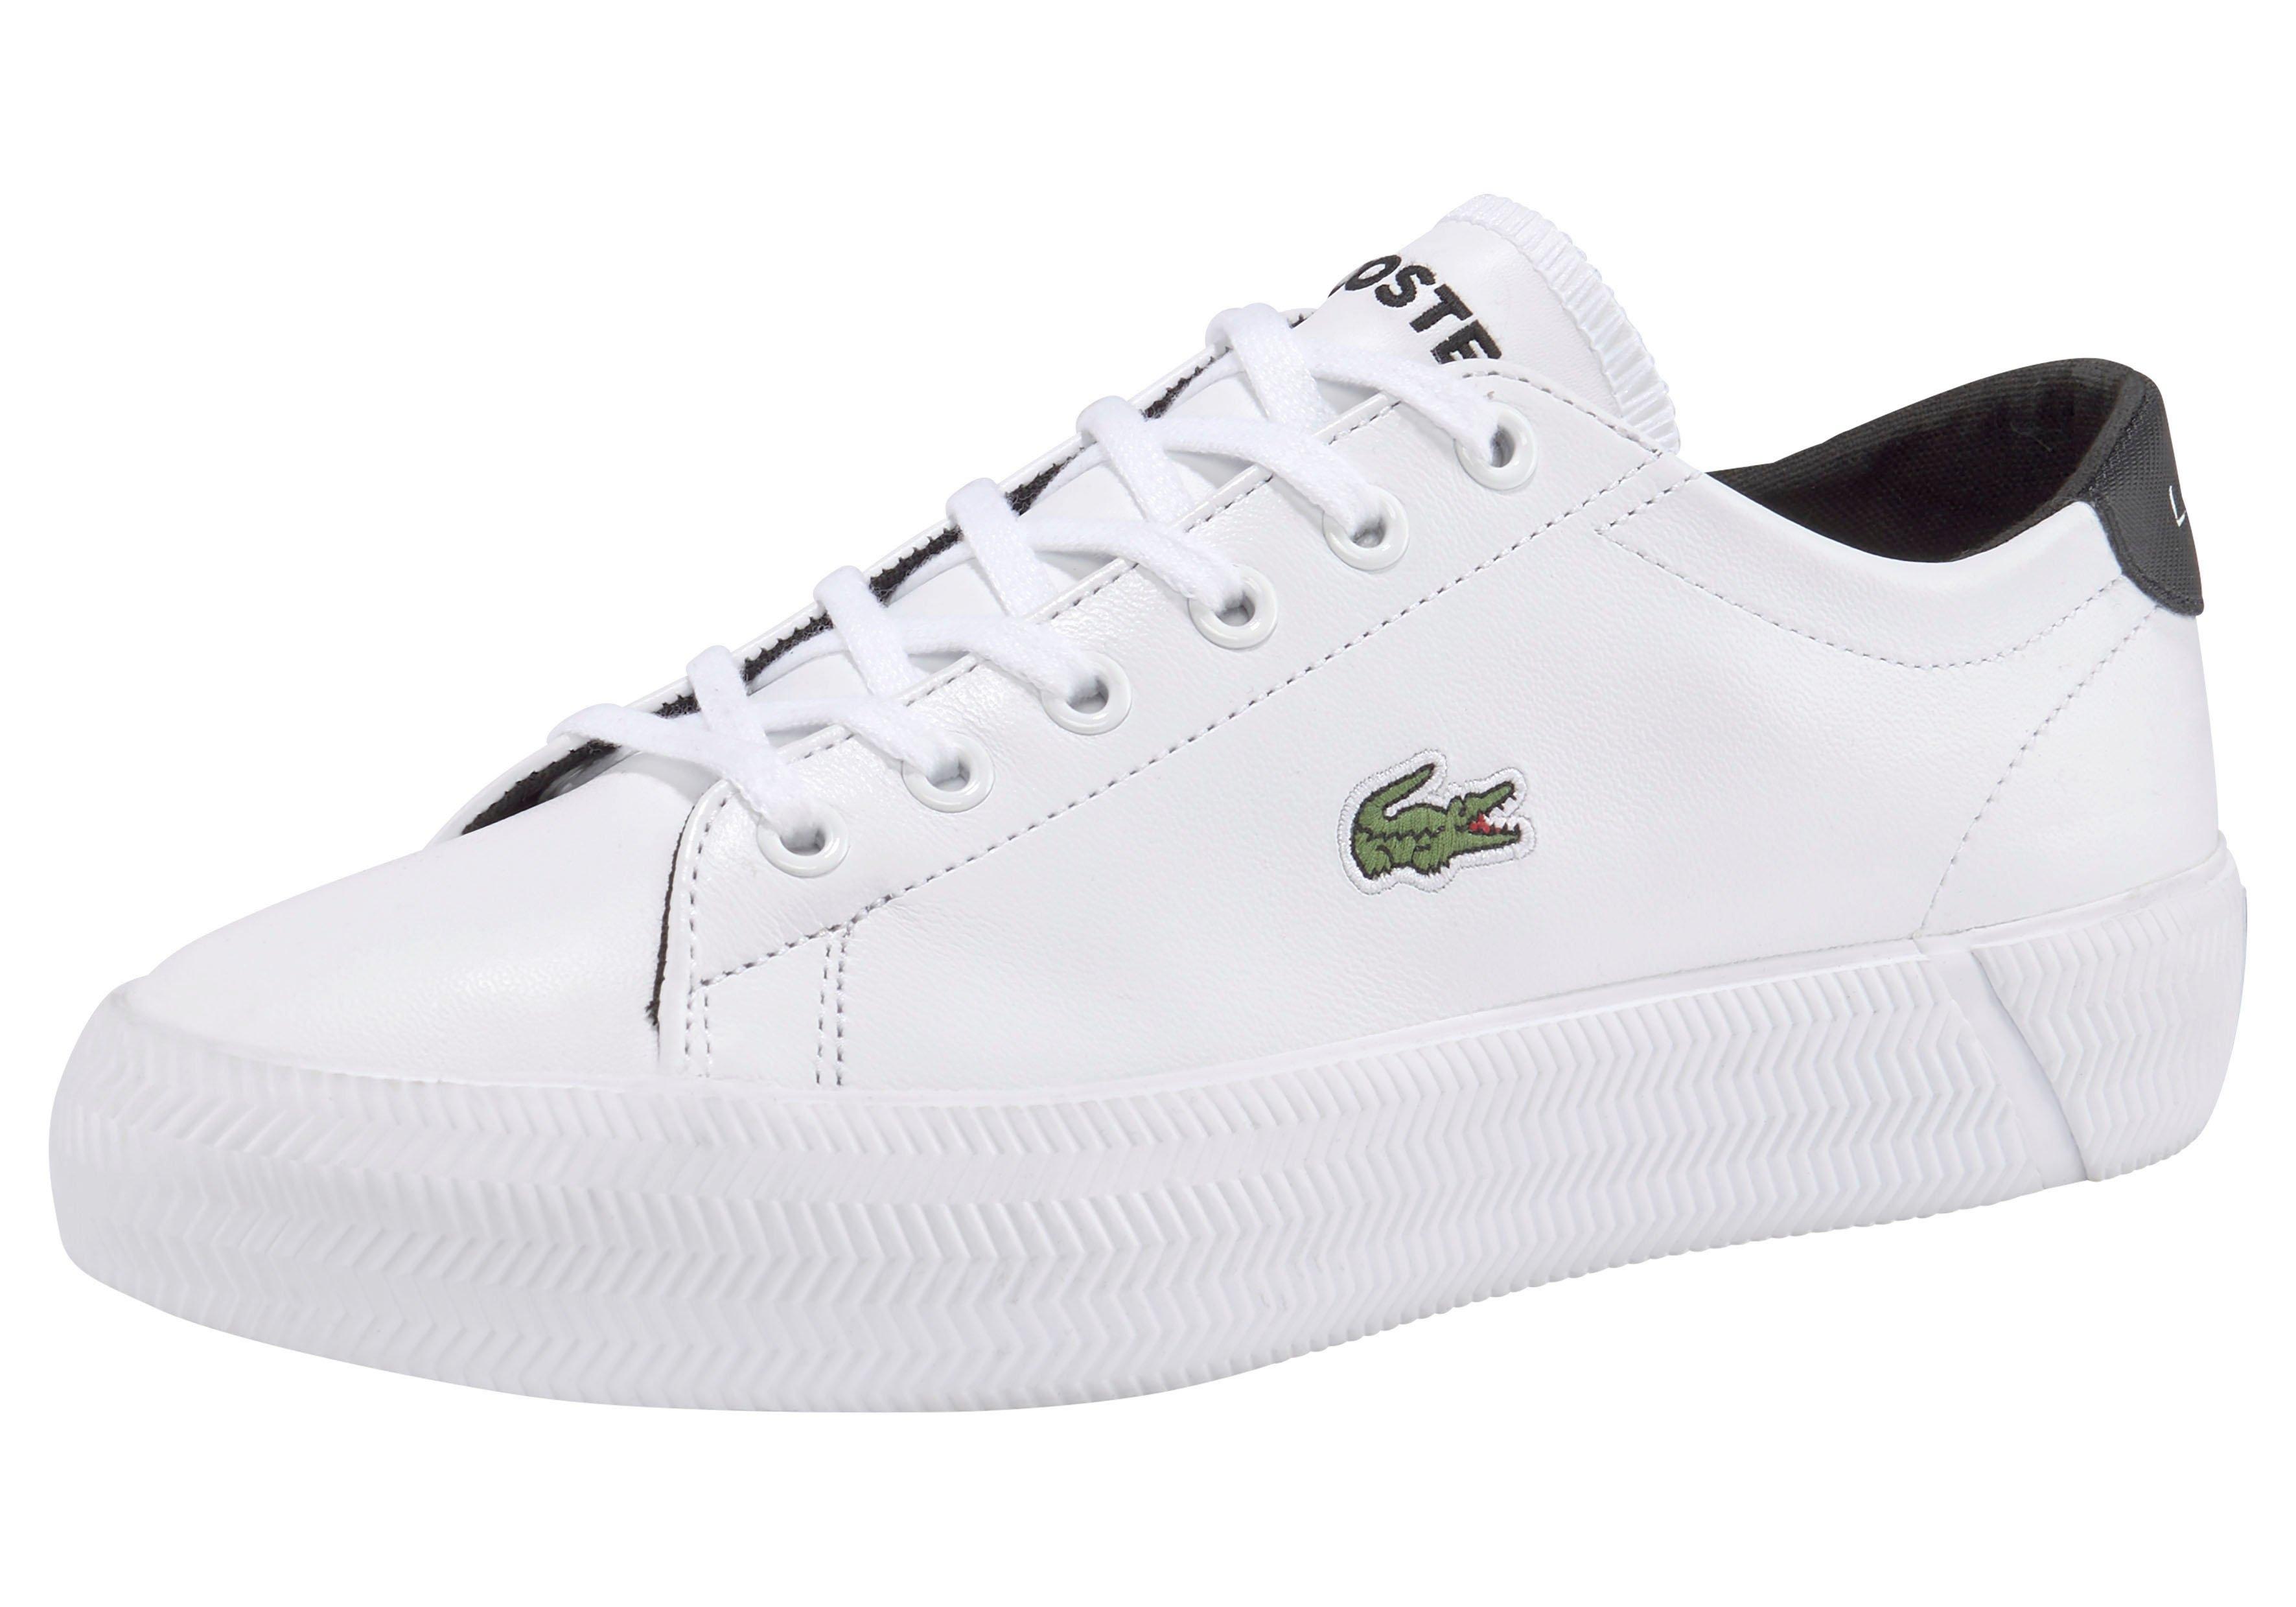 LACOSTE sneakers »GRIPSHOT 0120 3 CFA« bestellen: 30 dagen bedenktijd